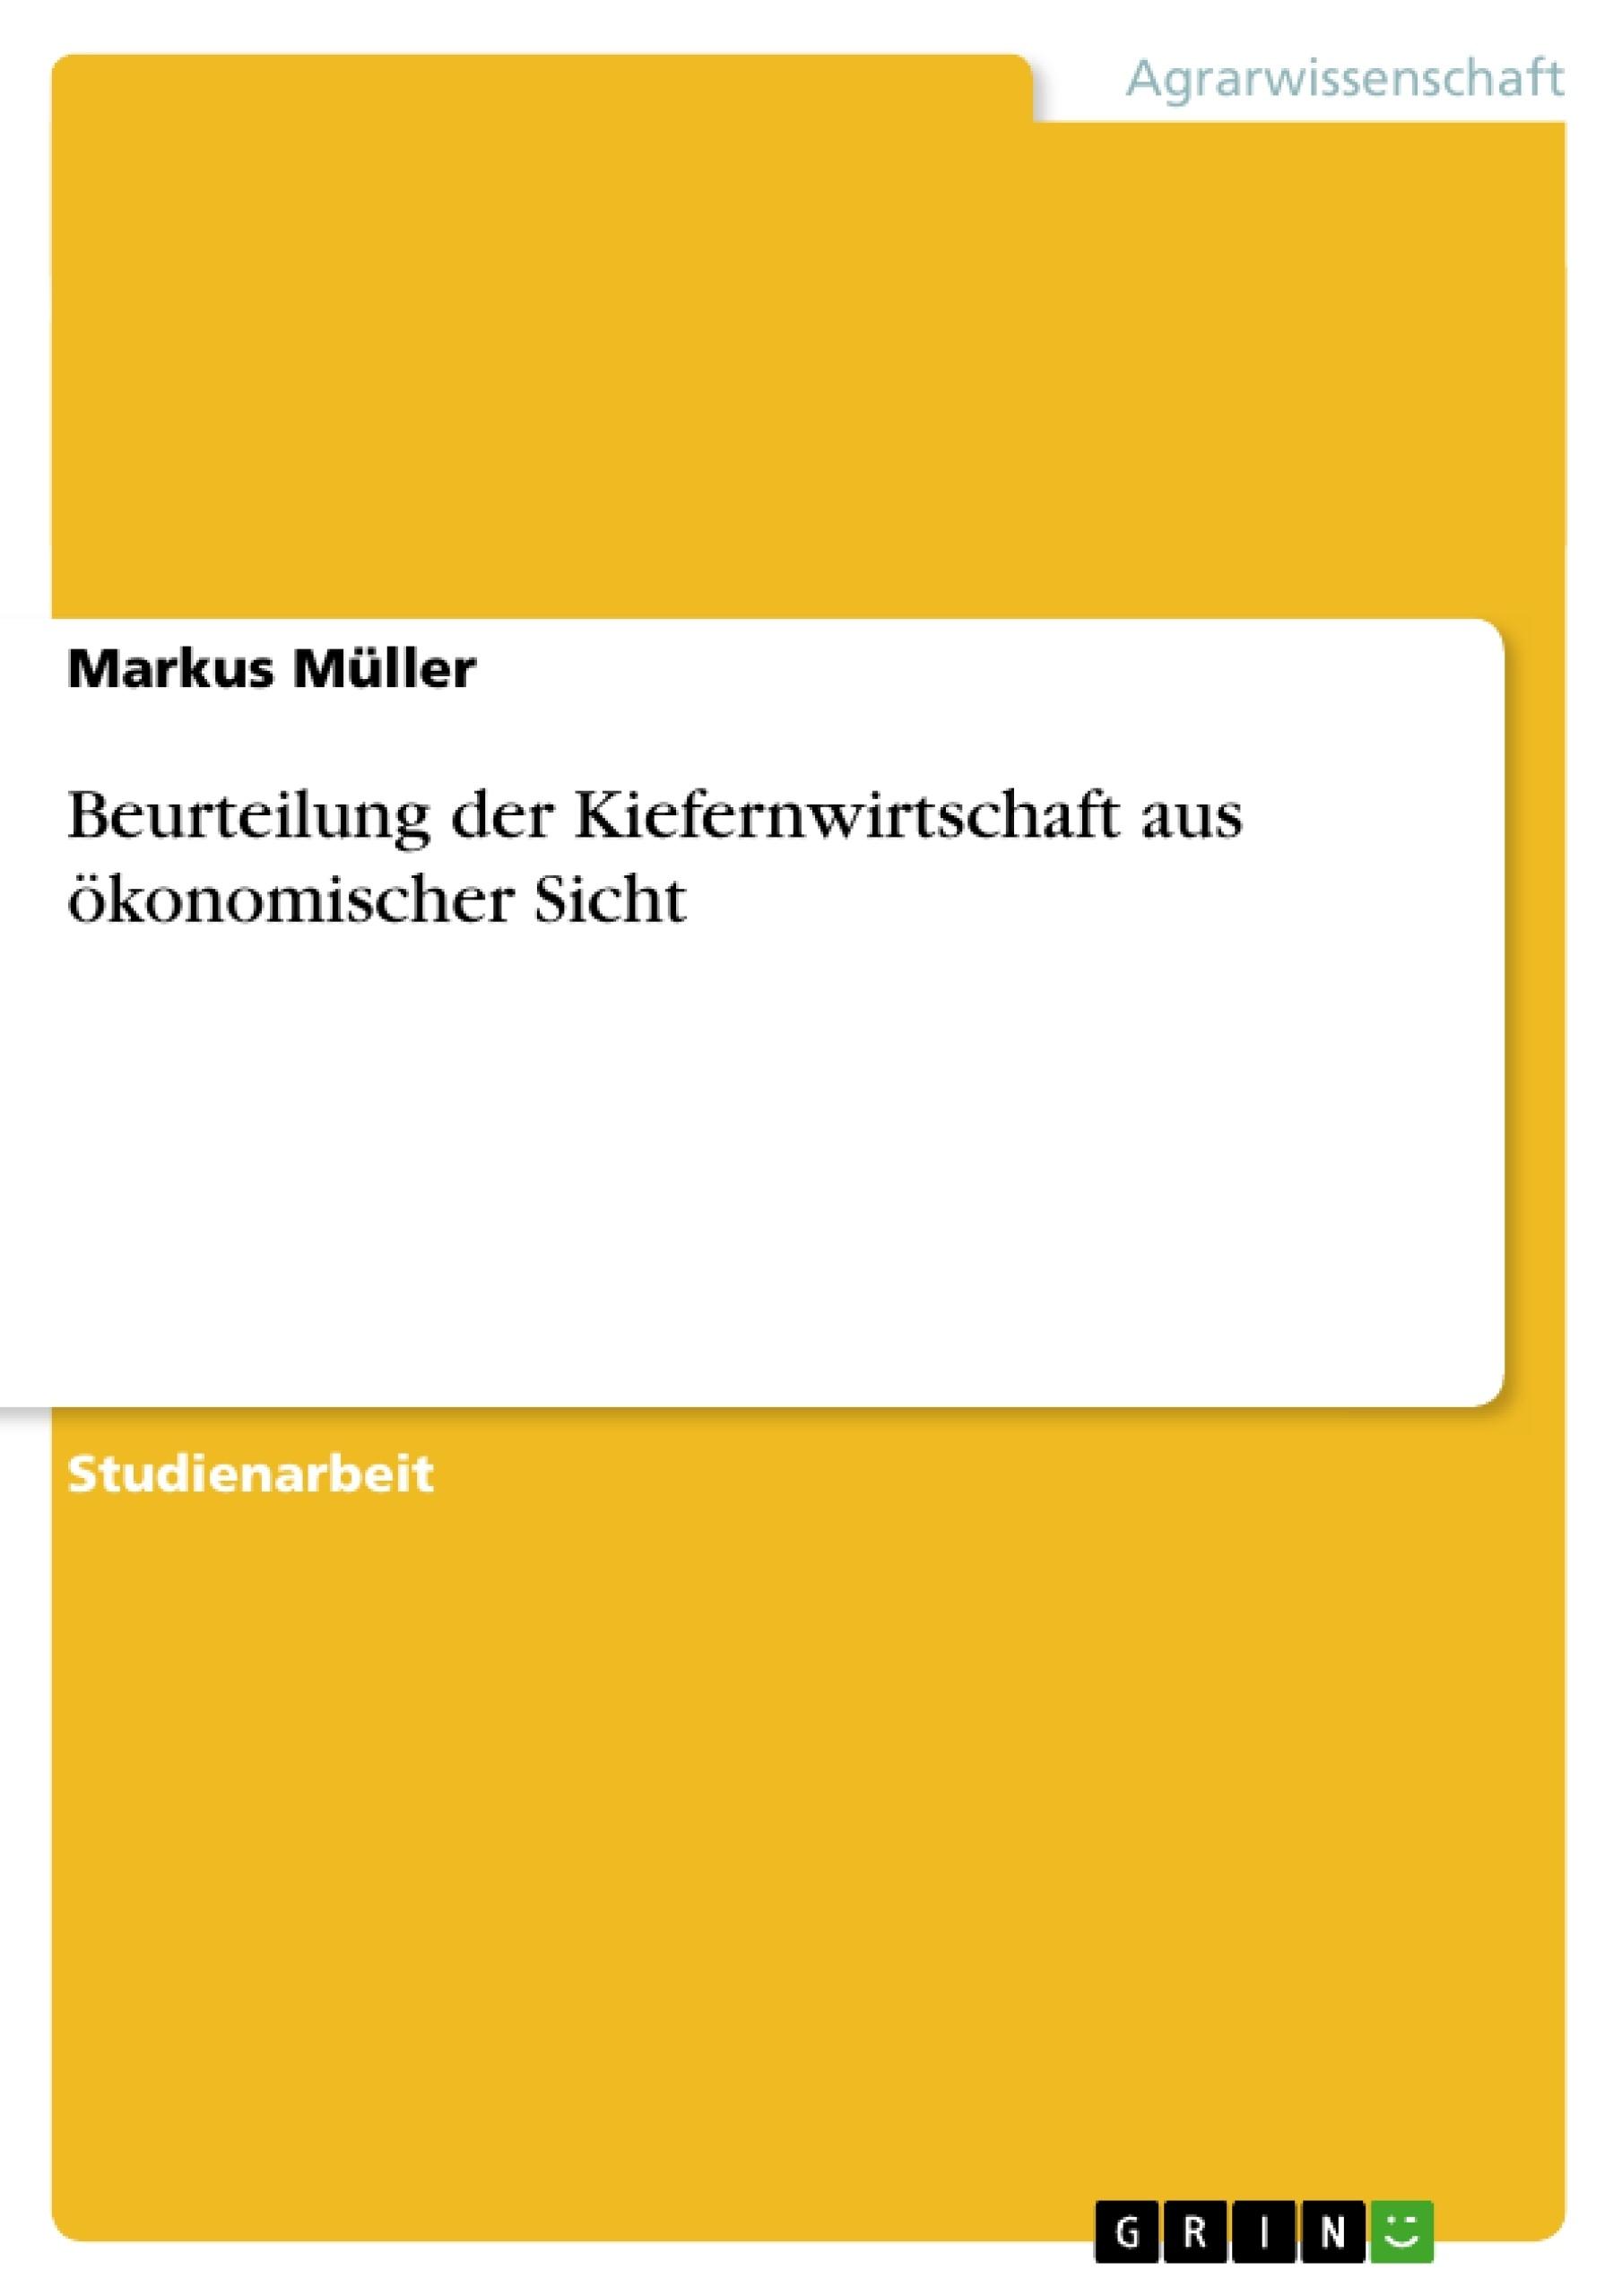 Titel: Beurteilung der Kiefernwirtschaft aus ökonomischer Sicht